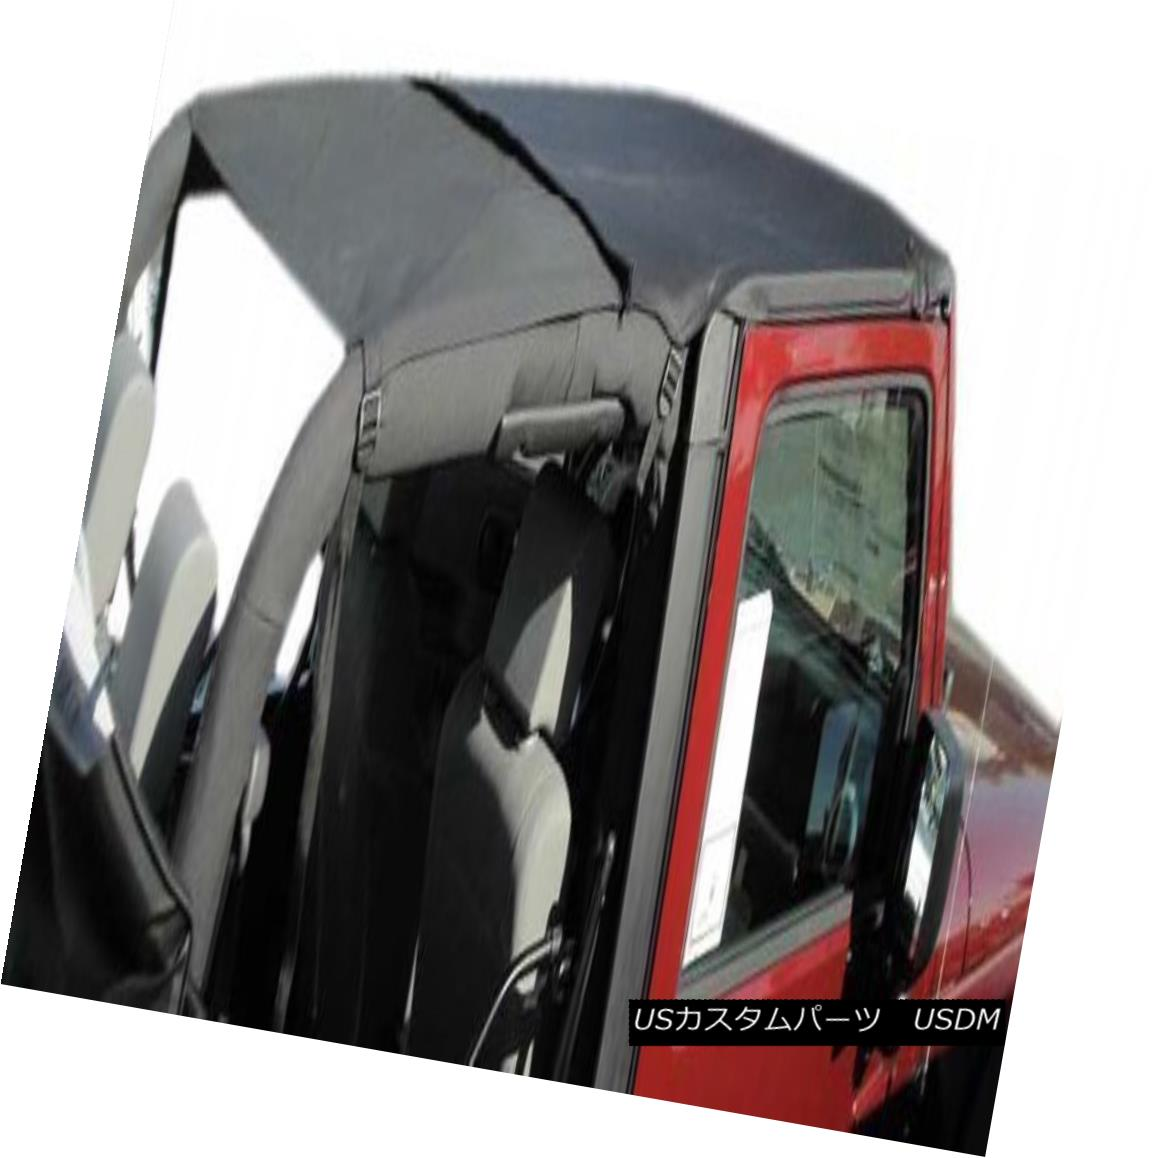 幌・ソフトトップ Rampage Combo Brief & Topper 07-15 Jeep Wrangler JK 2 Door 94835 Black Diamond ランペイジコンボブリーフ& トッパー07-15ジープラングラーJK 2ドア94835ブラックダイヤモンド